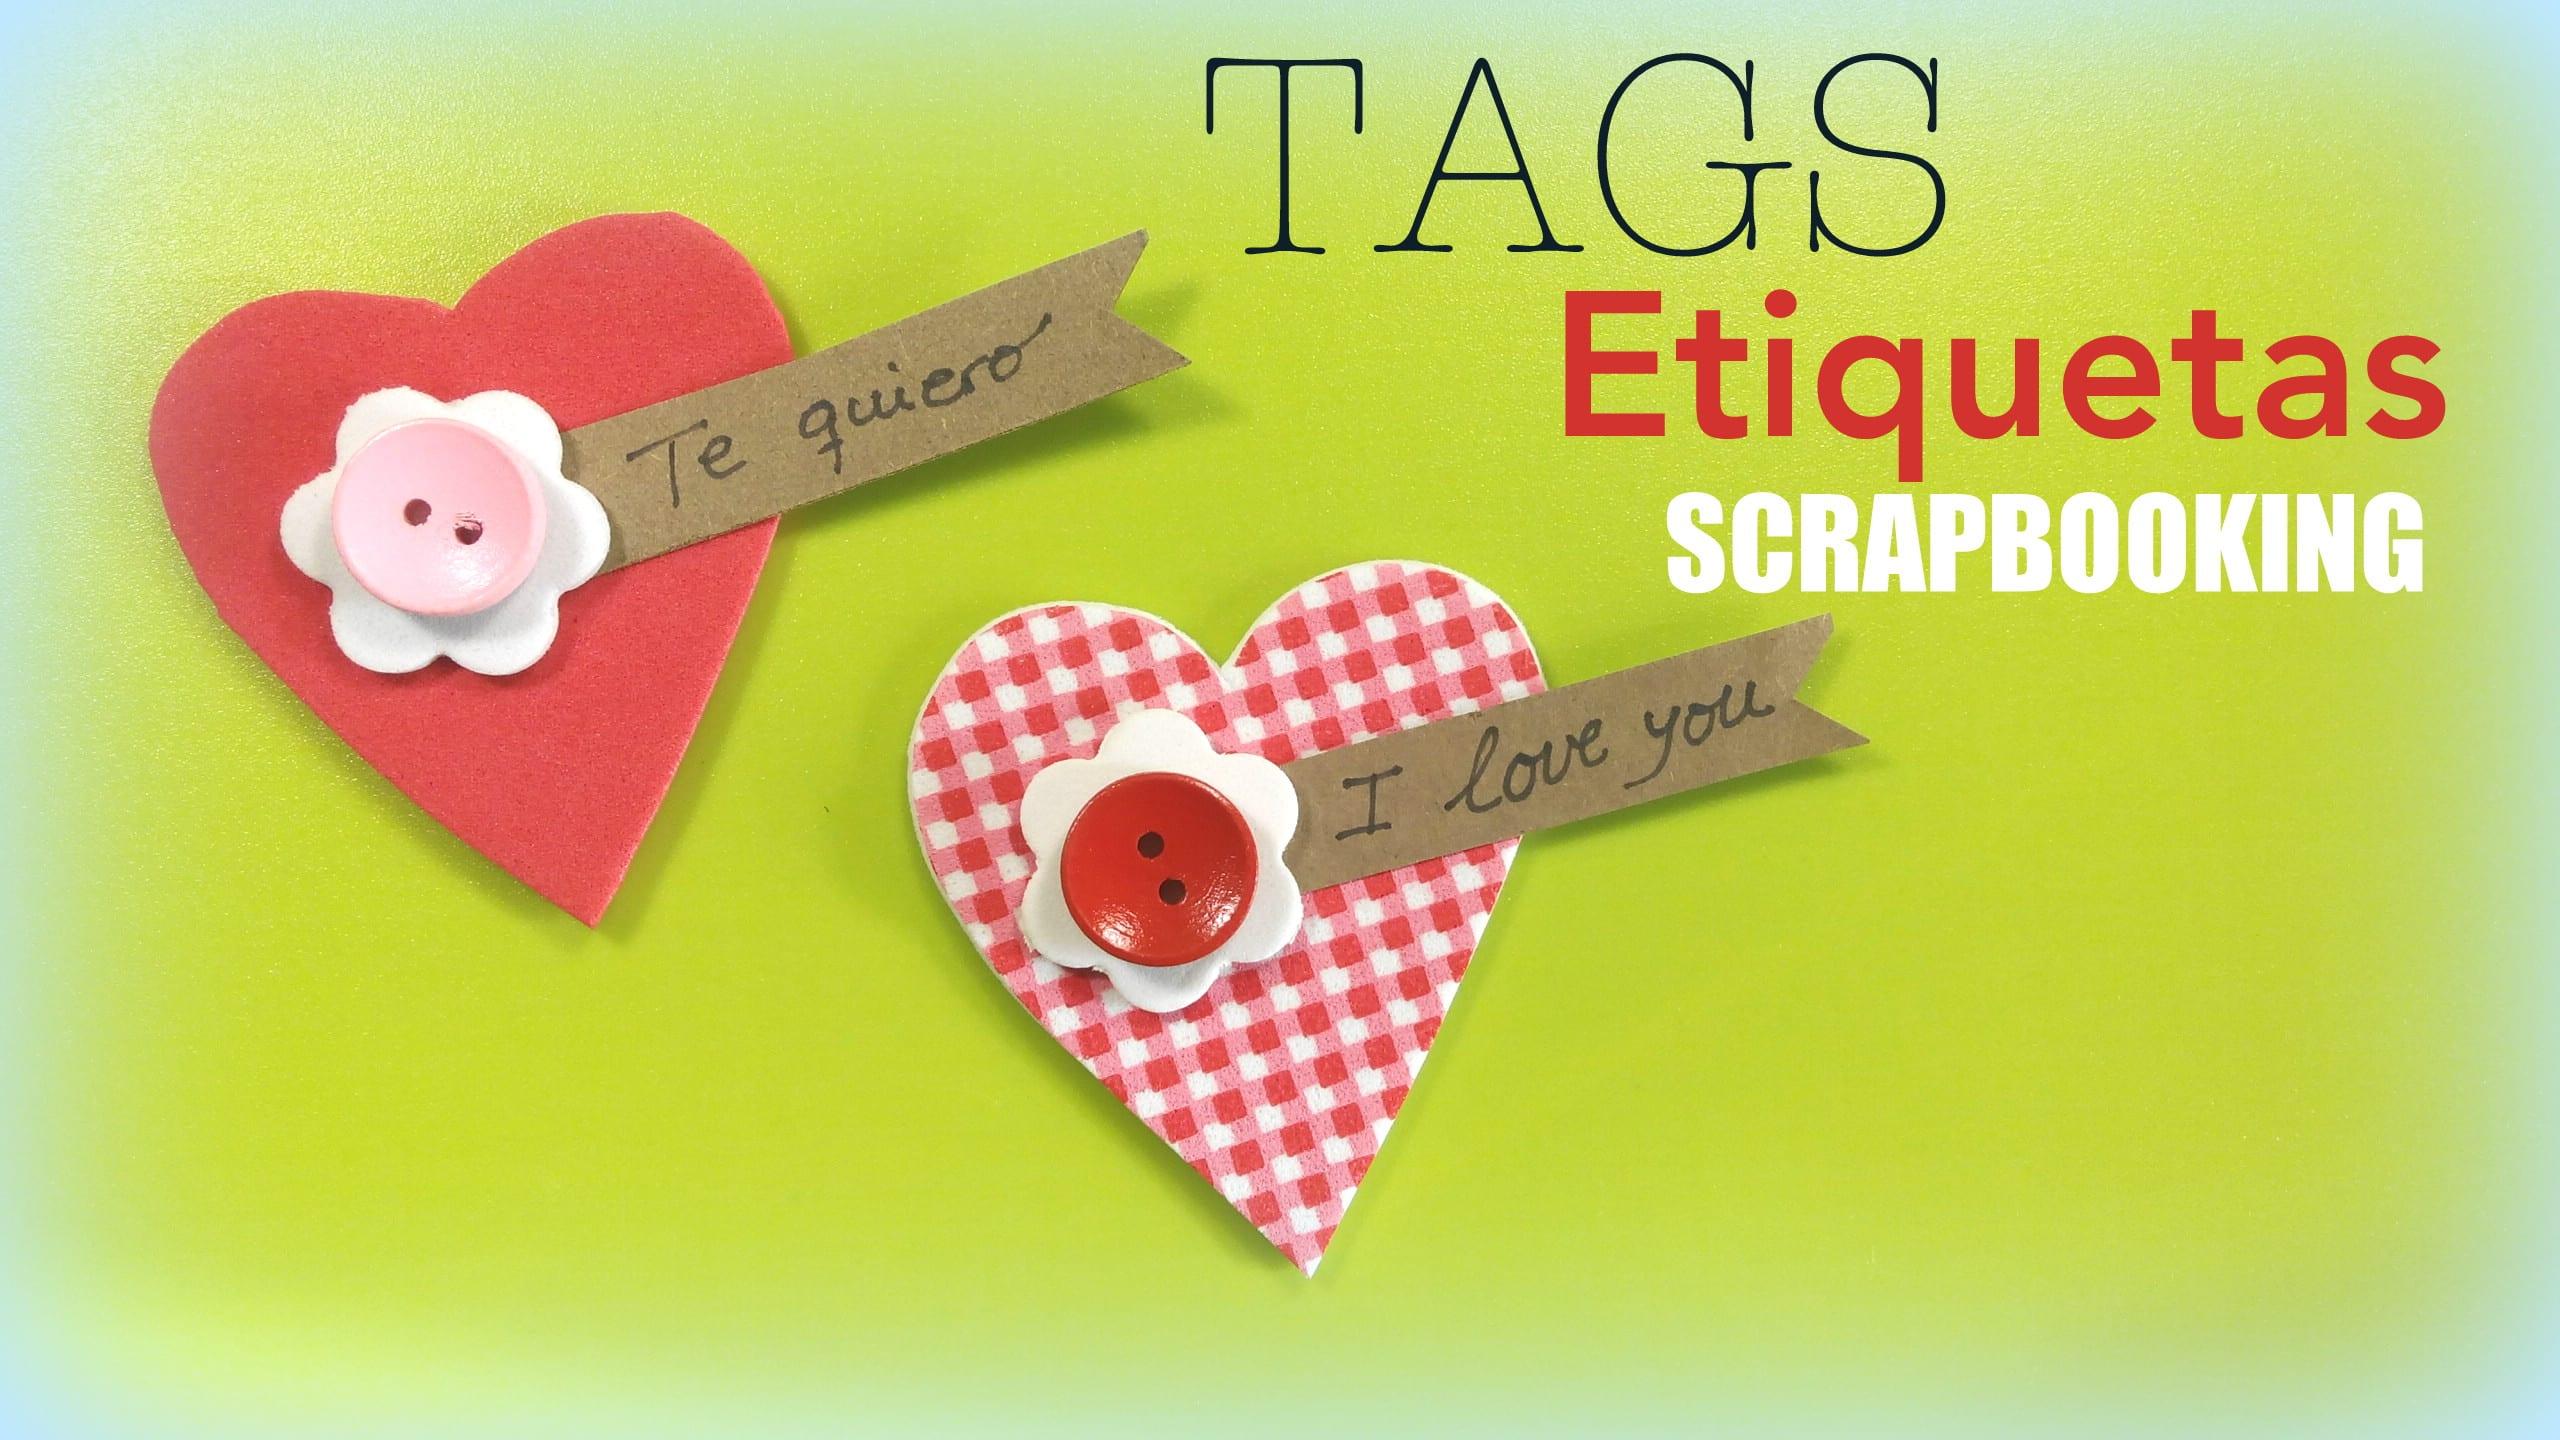 etiquetas tags scrapbooking donlumusical corazones